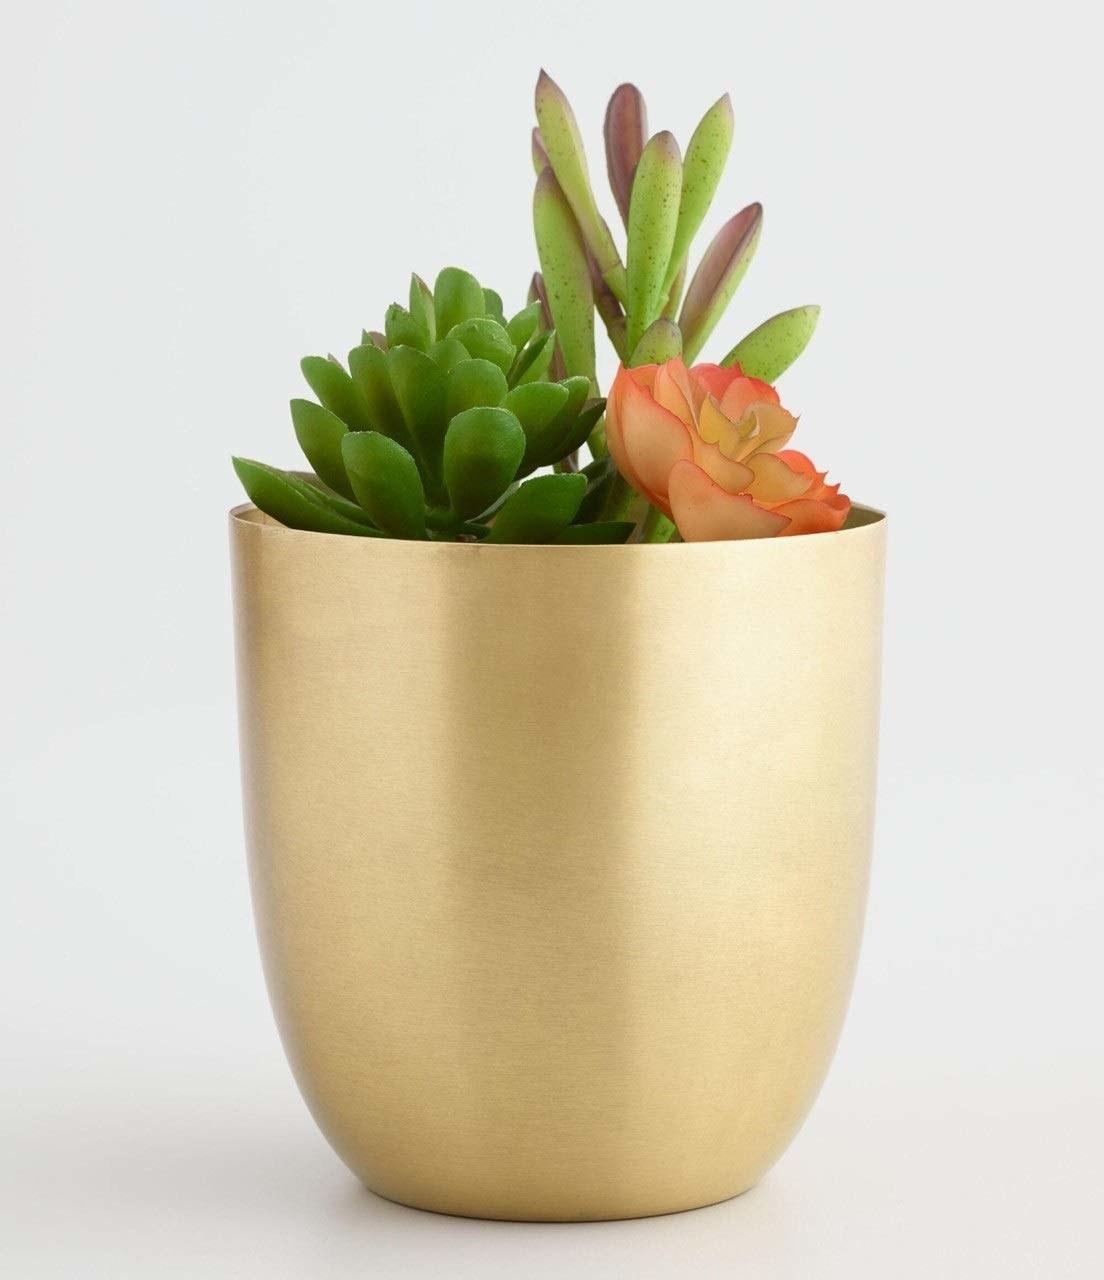 Golden metal planters